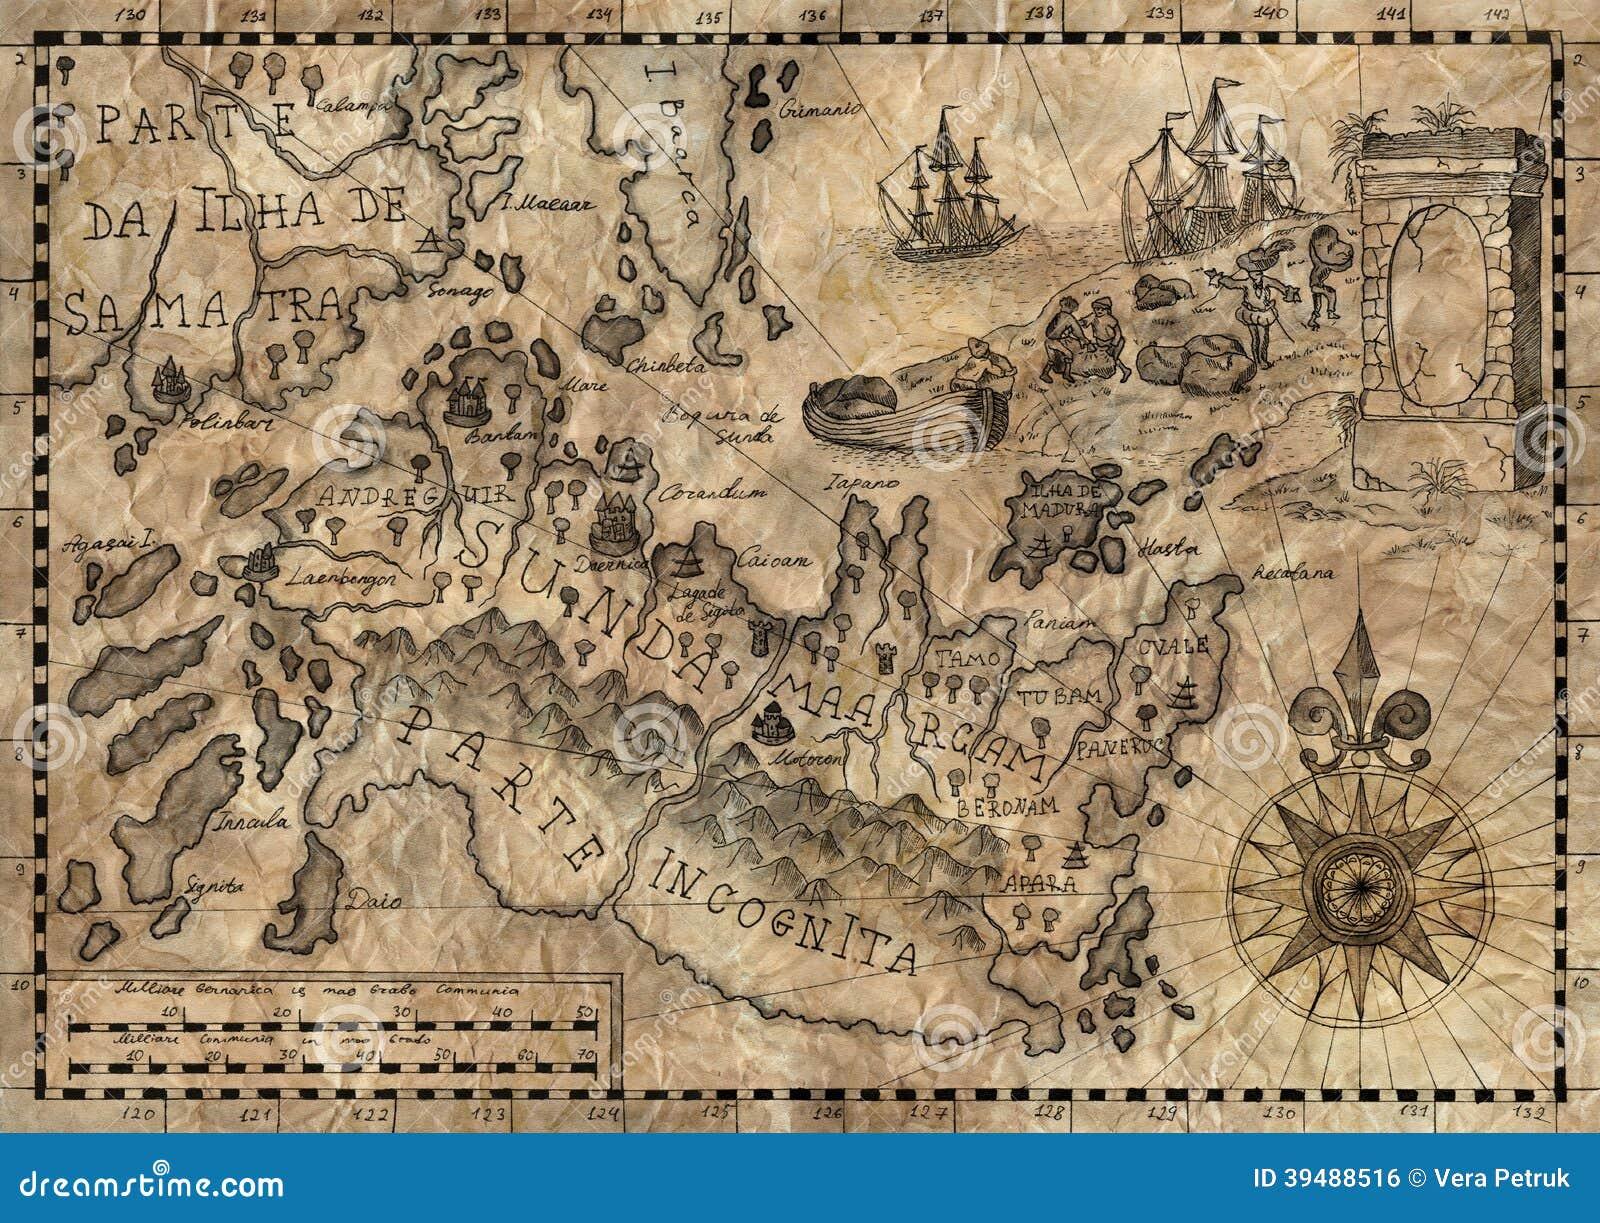 Plano De Cul Beth Braga-2449